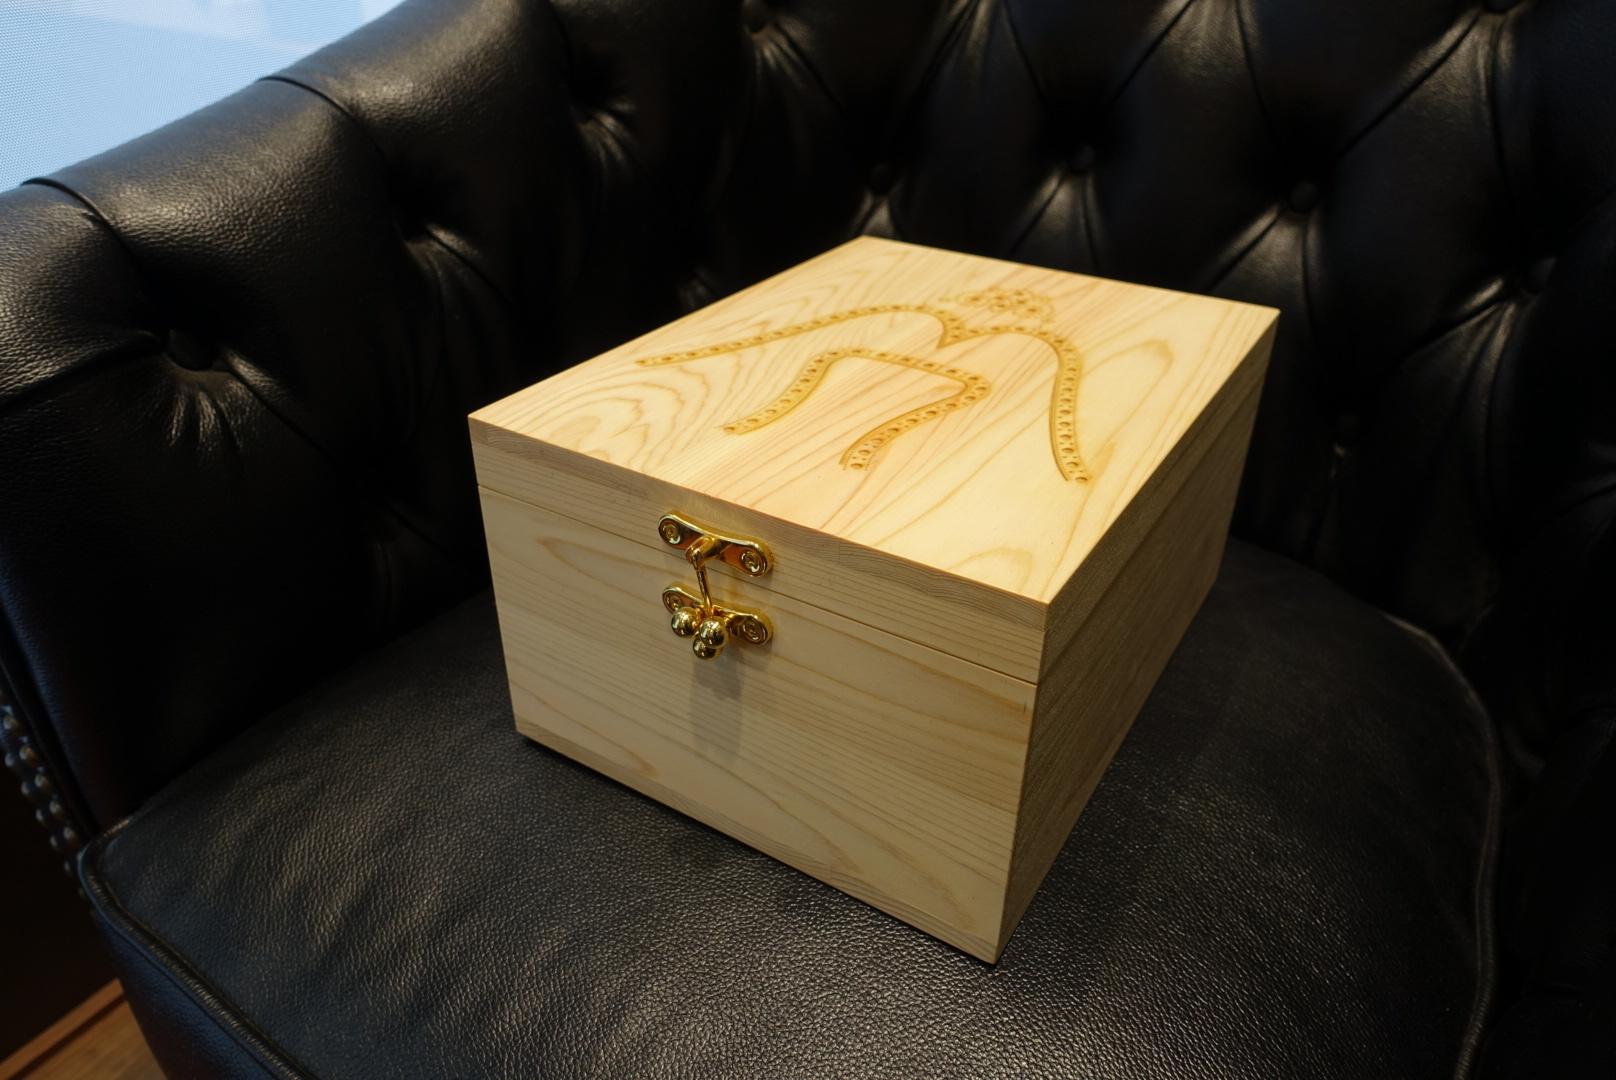 【信州・木曽の檜を使用したシューケアボックスをパターンオーダー】_b0226322_19453538.jpg